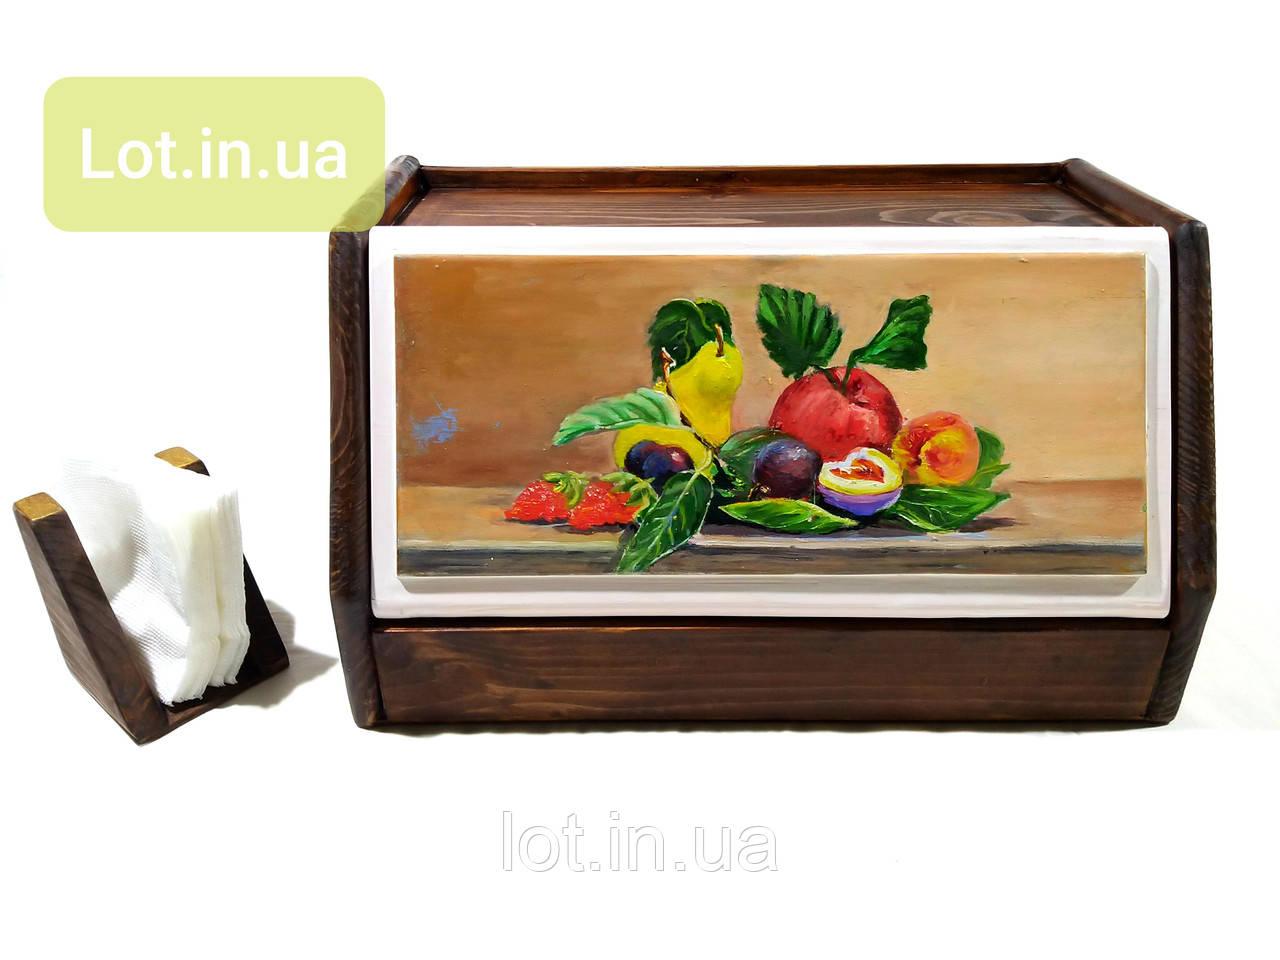 Хлебница деревянная #03, роспись.